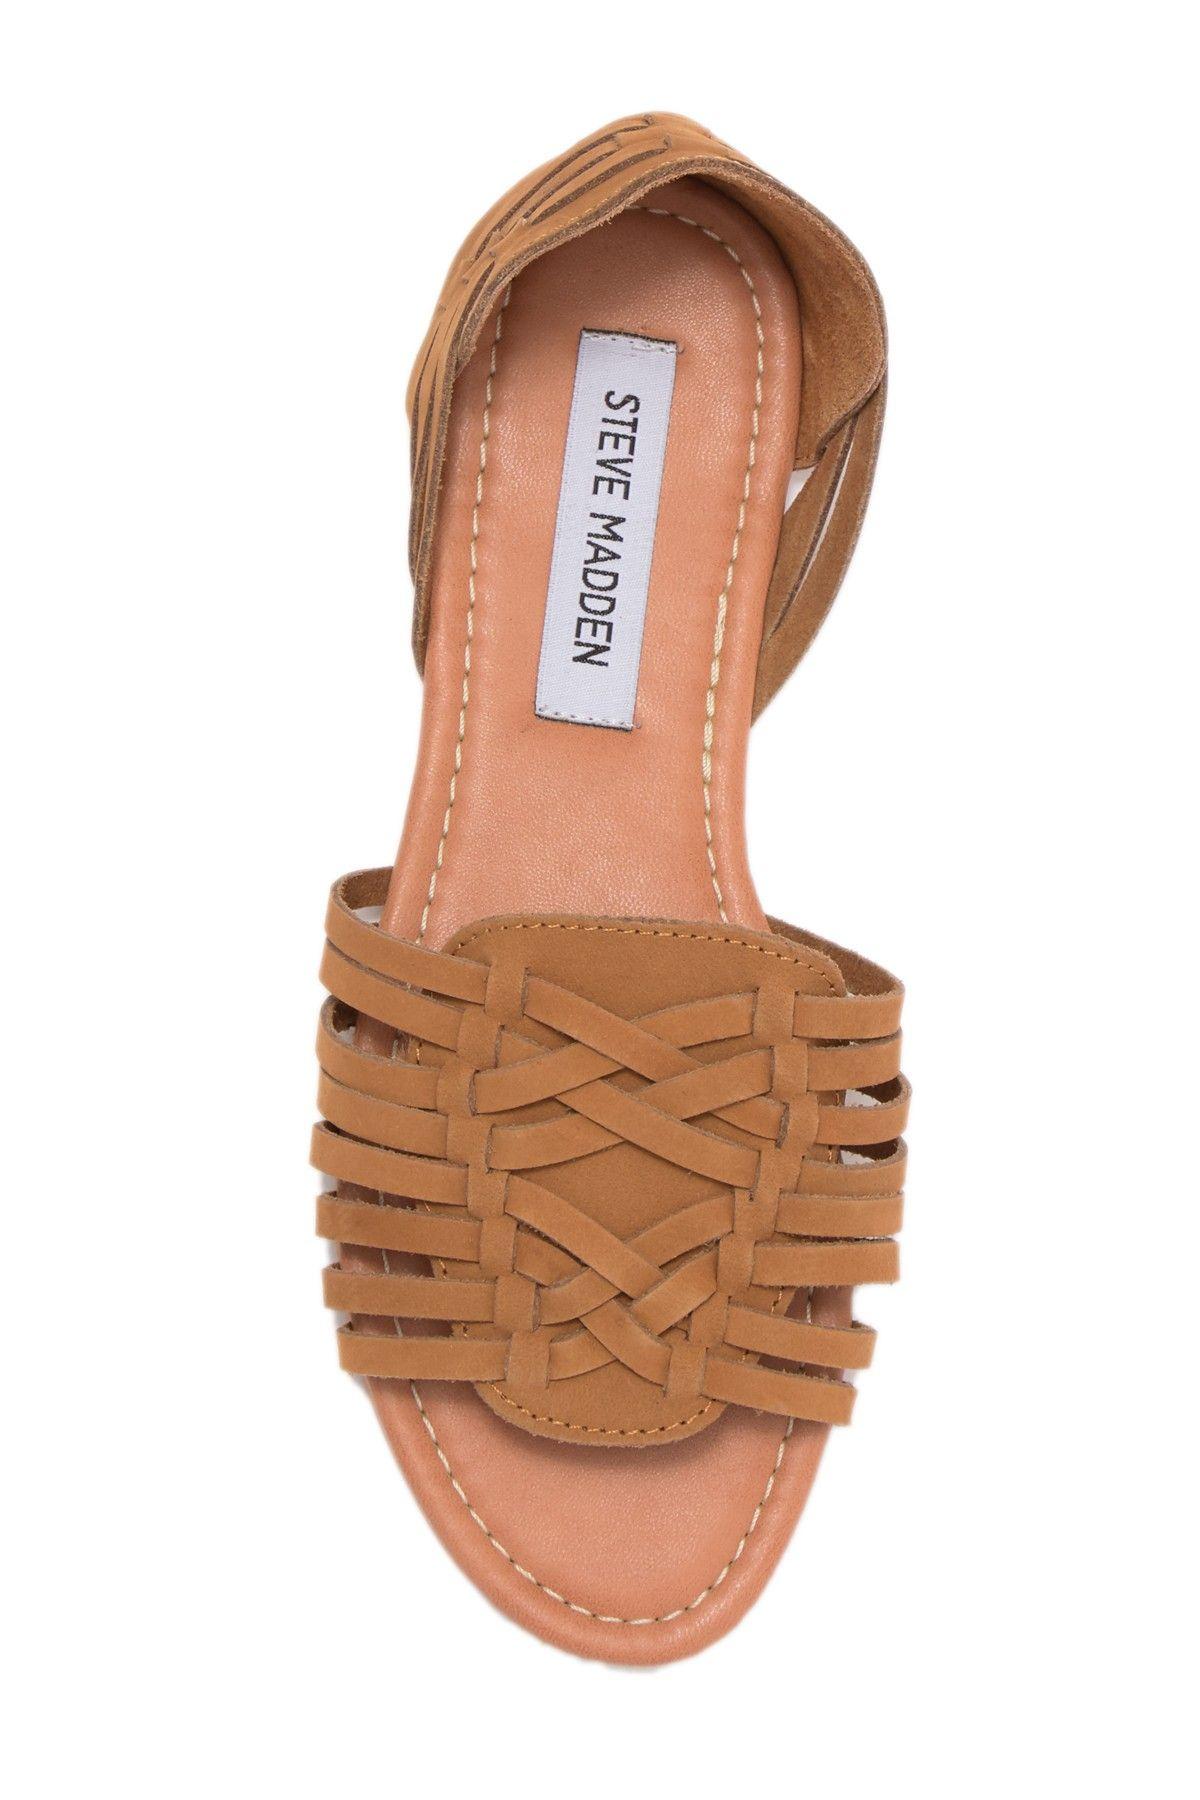 steve madden fiddle woven sandal